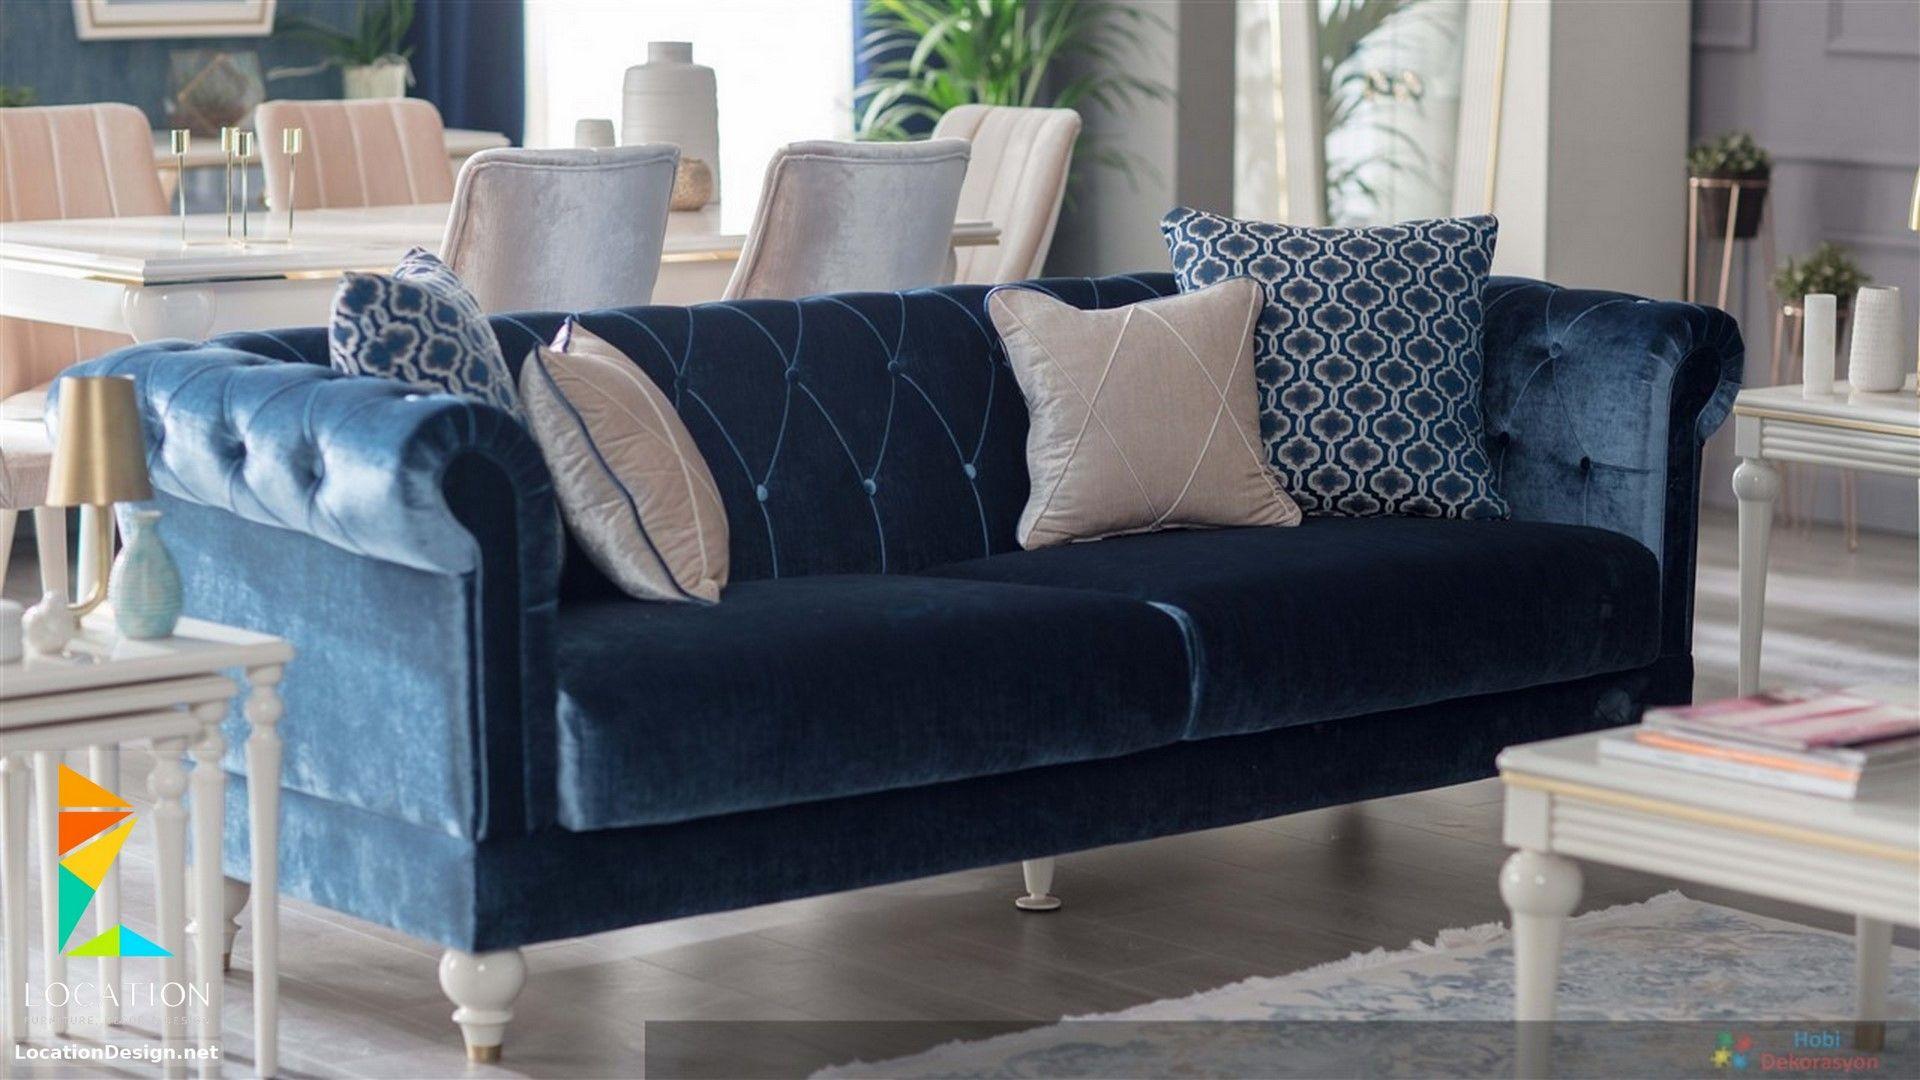 صور انتريهات مودن 2019 كل ما عليكم فعله هو الاختيار من بين هذه التصميمات التاليه لاجمل صالونات العالم والتي قد صم Sofa Furniture Romantic Living Room Furniture